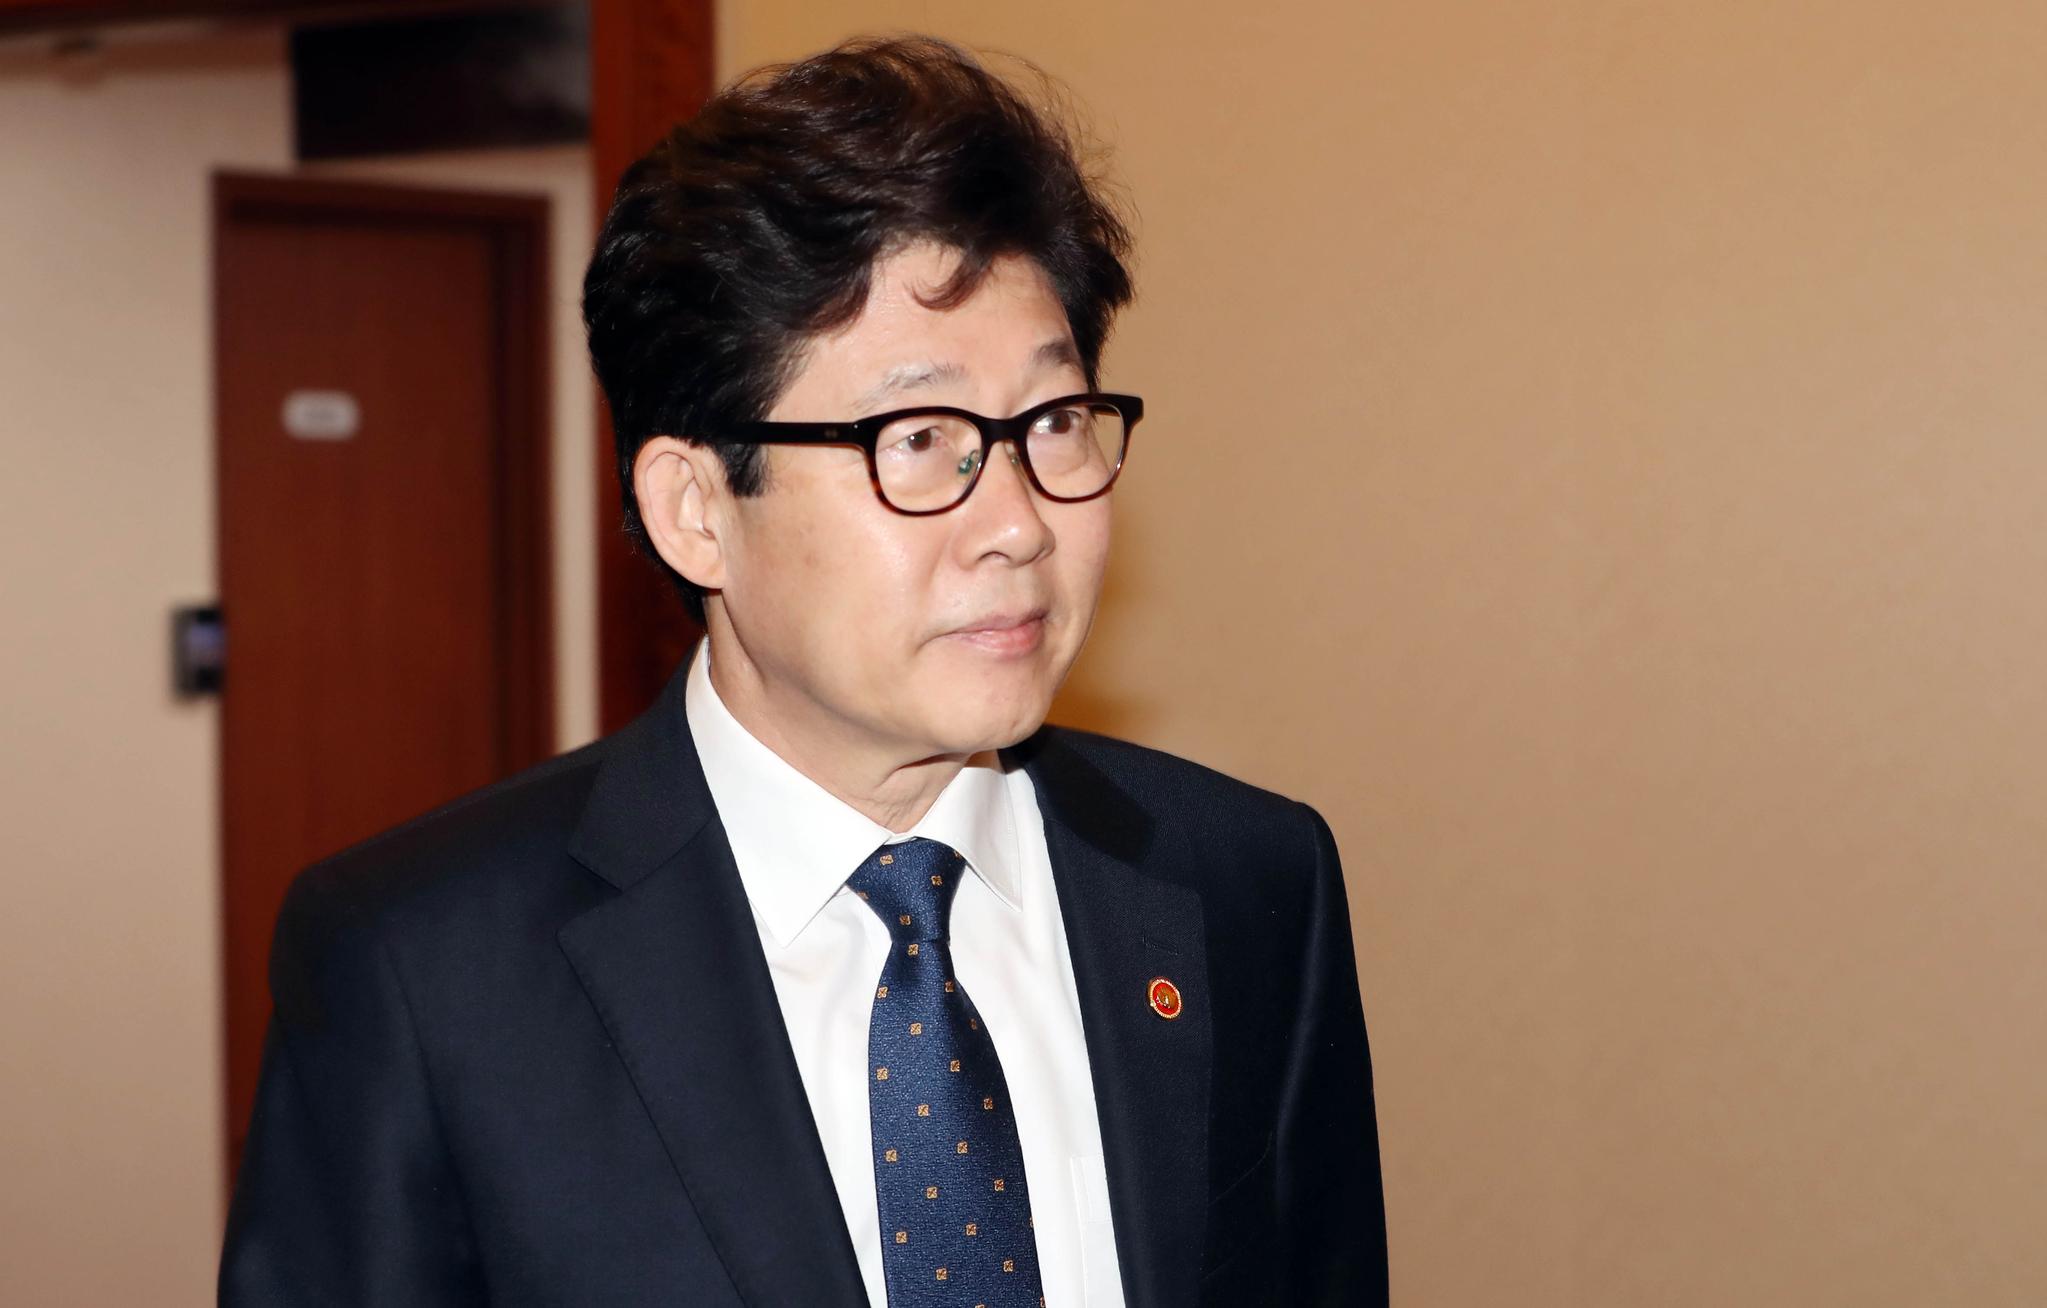 [서소문사진관] 첫 국무회의 참석한 조명래 장관, 야당은 여전히 반대...